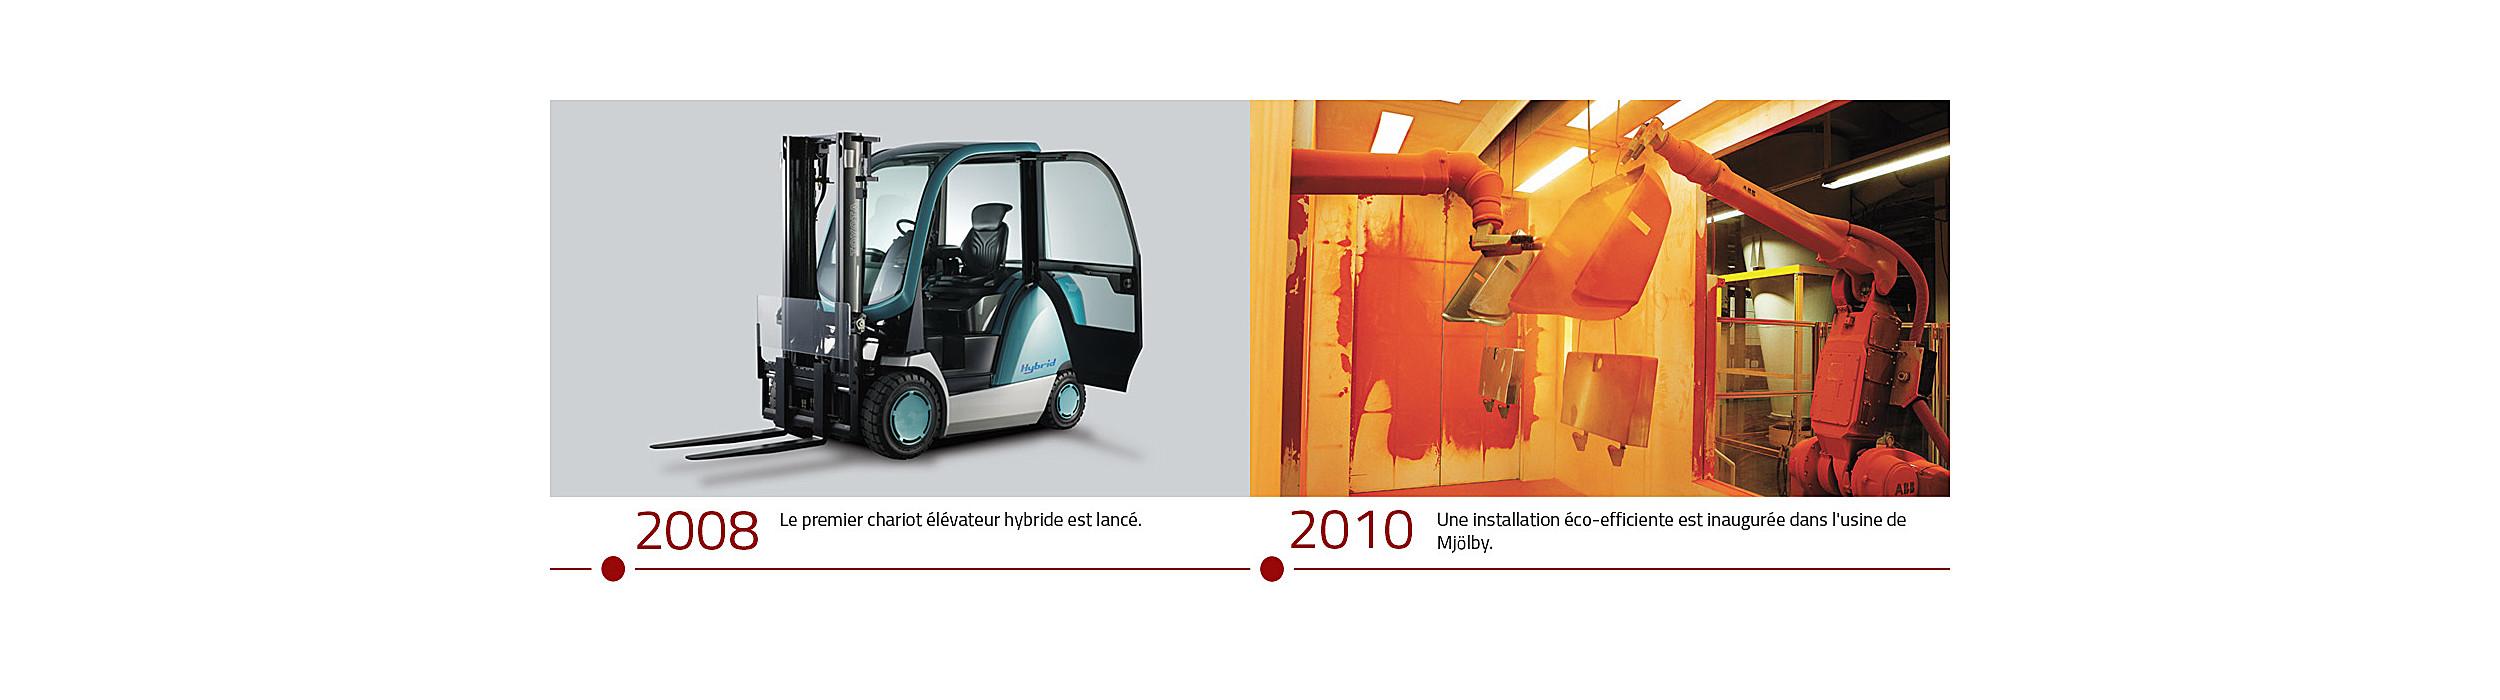 Histoire de Toyota Material Handling : en 2008 elle lance son premier chariot élévateur hybride